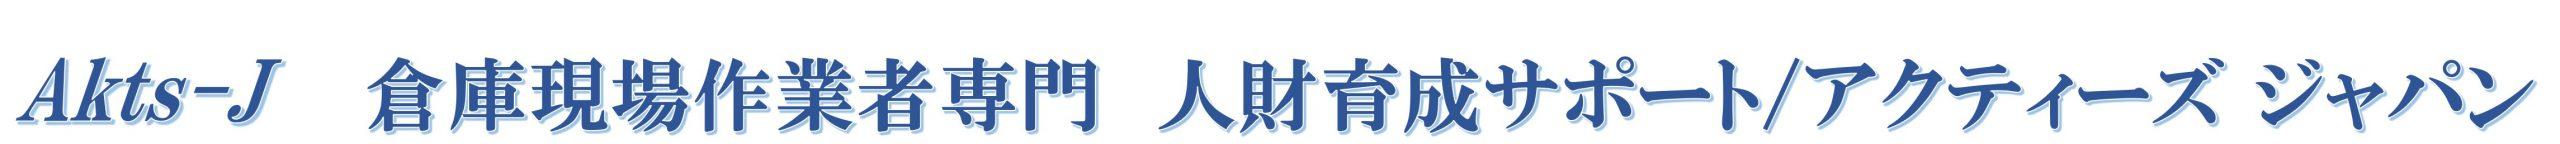 20年以上の倉庫実務経験と現場目線による倉庫作業者専門人財育成サポート/アクティーズ ジャパン